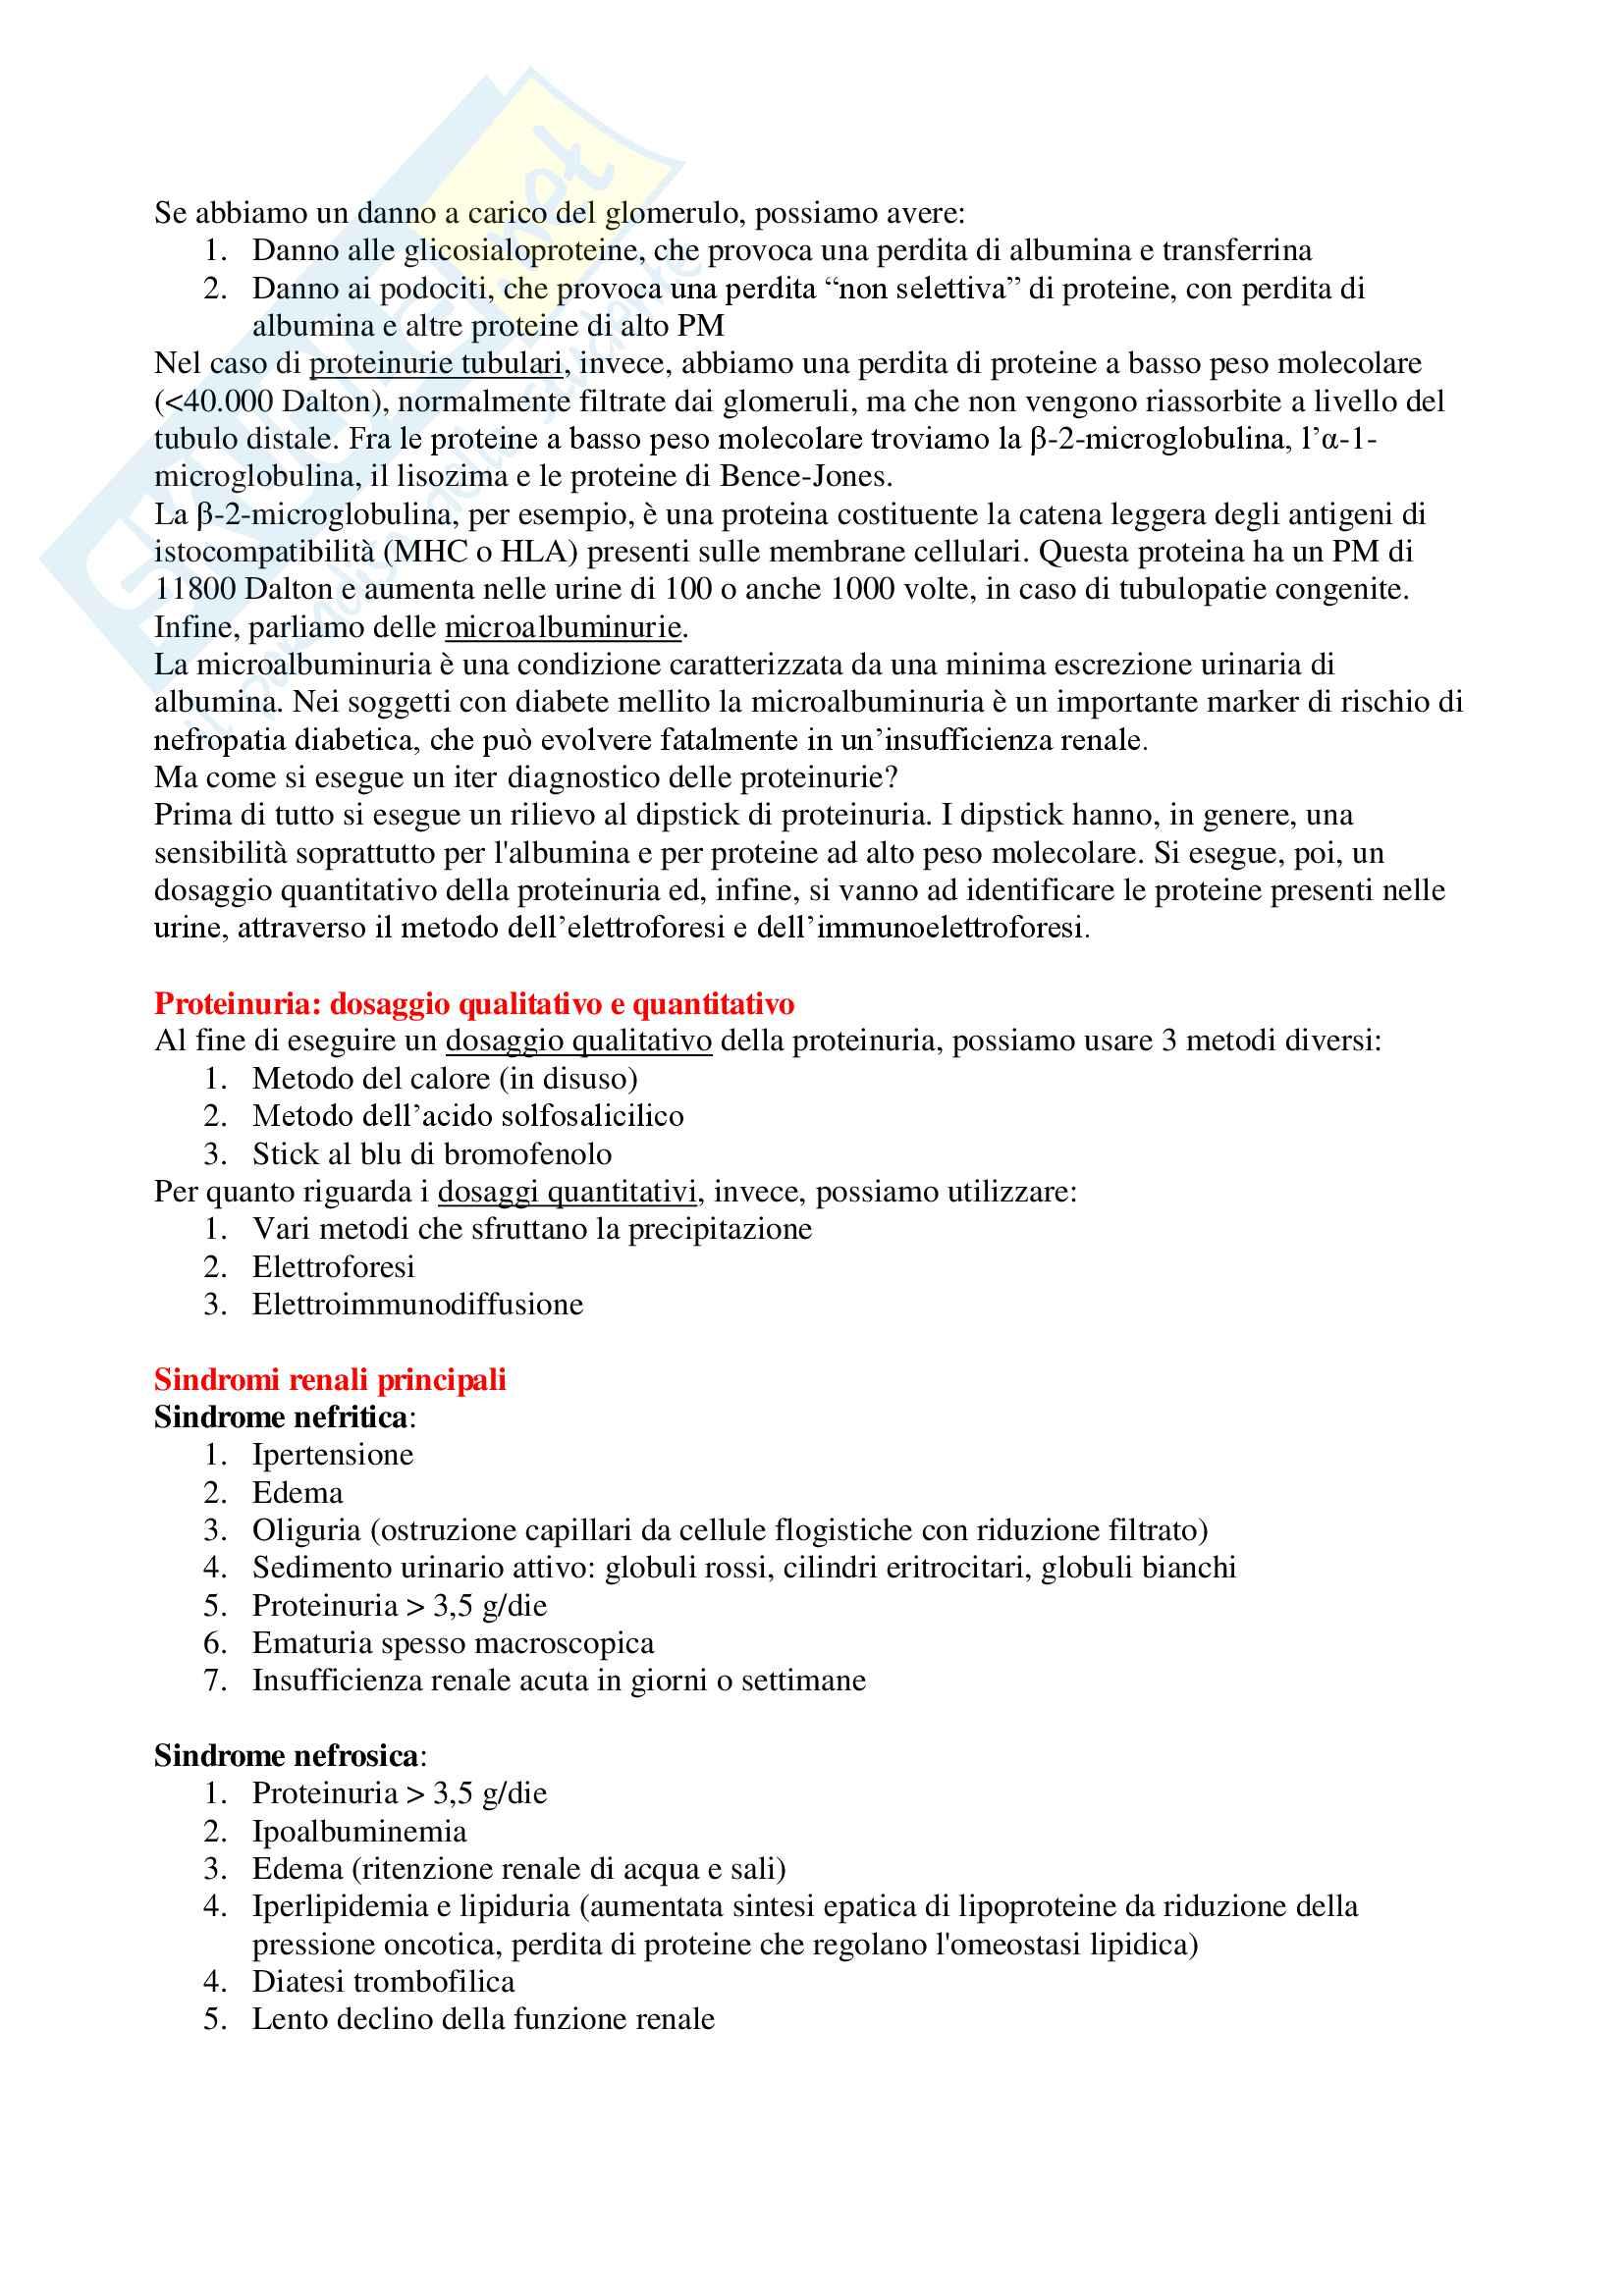 Patologia Clinica - Appunti Completi Pag. 16